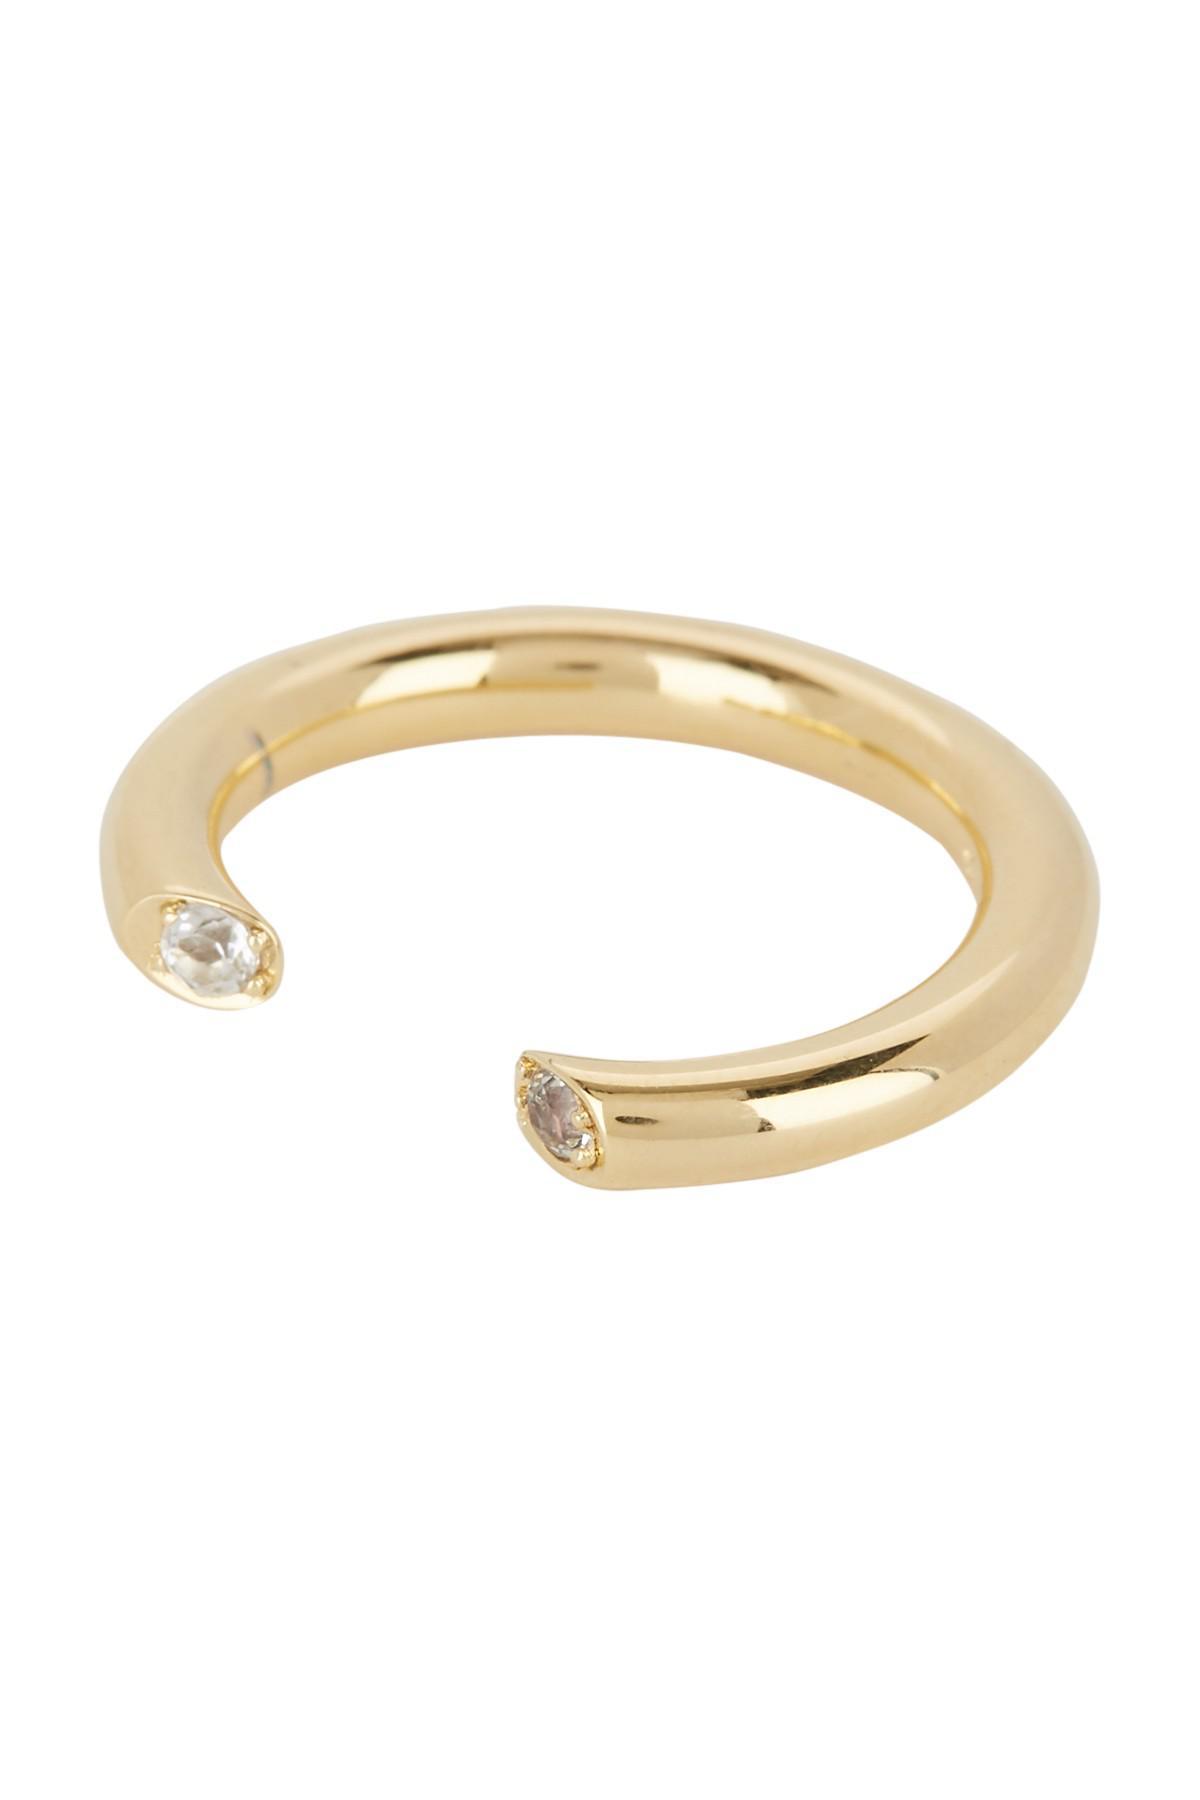 Elizabeth & James Elizabeth And James Woman Silver-tone Crystal Ring Silver Size 6 rir4MnUG